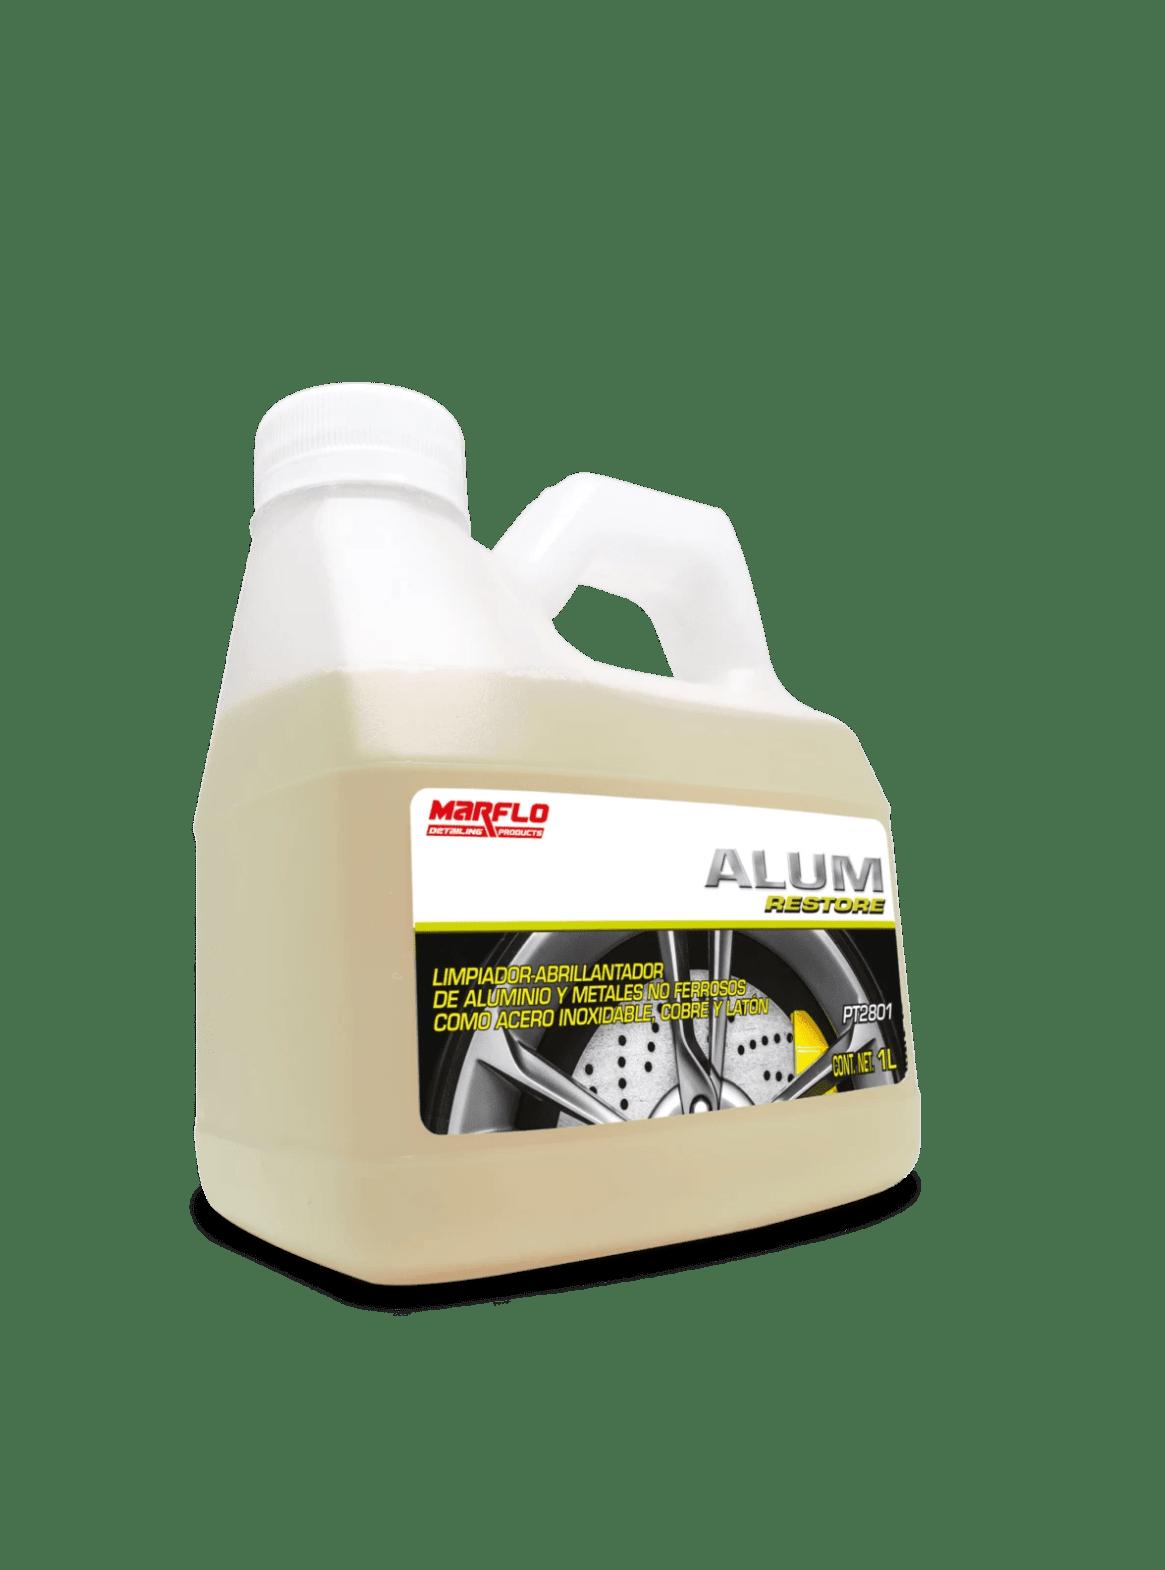 Limpiador de Aluminio, abrillantador de aluminio, marflo, detallado, detailing products